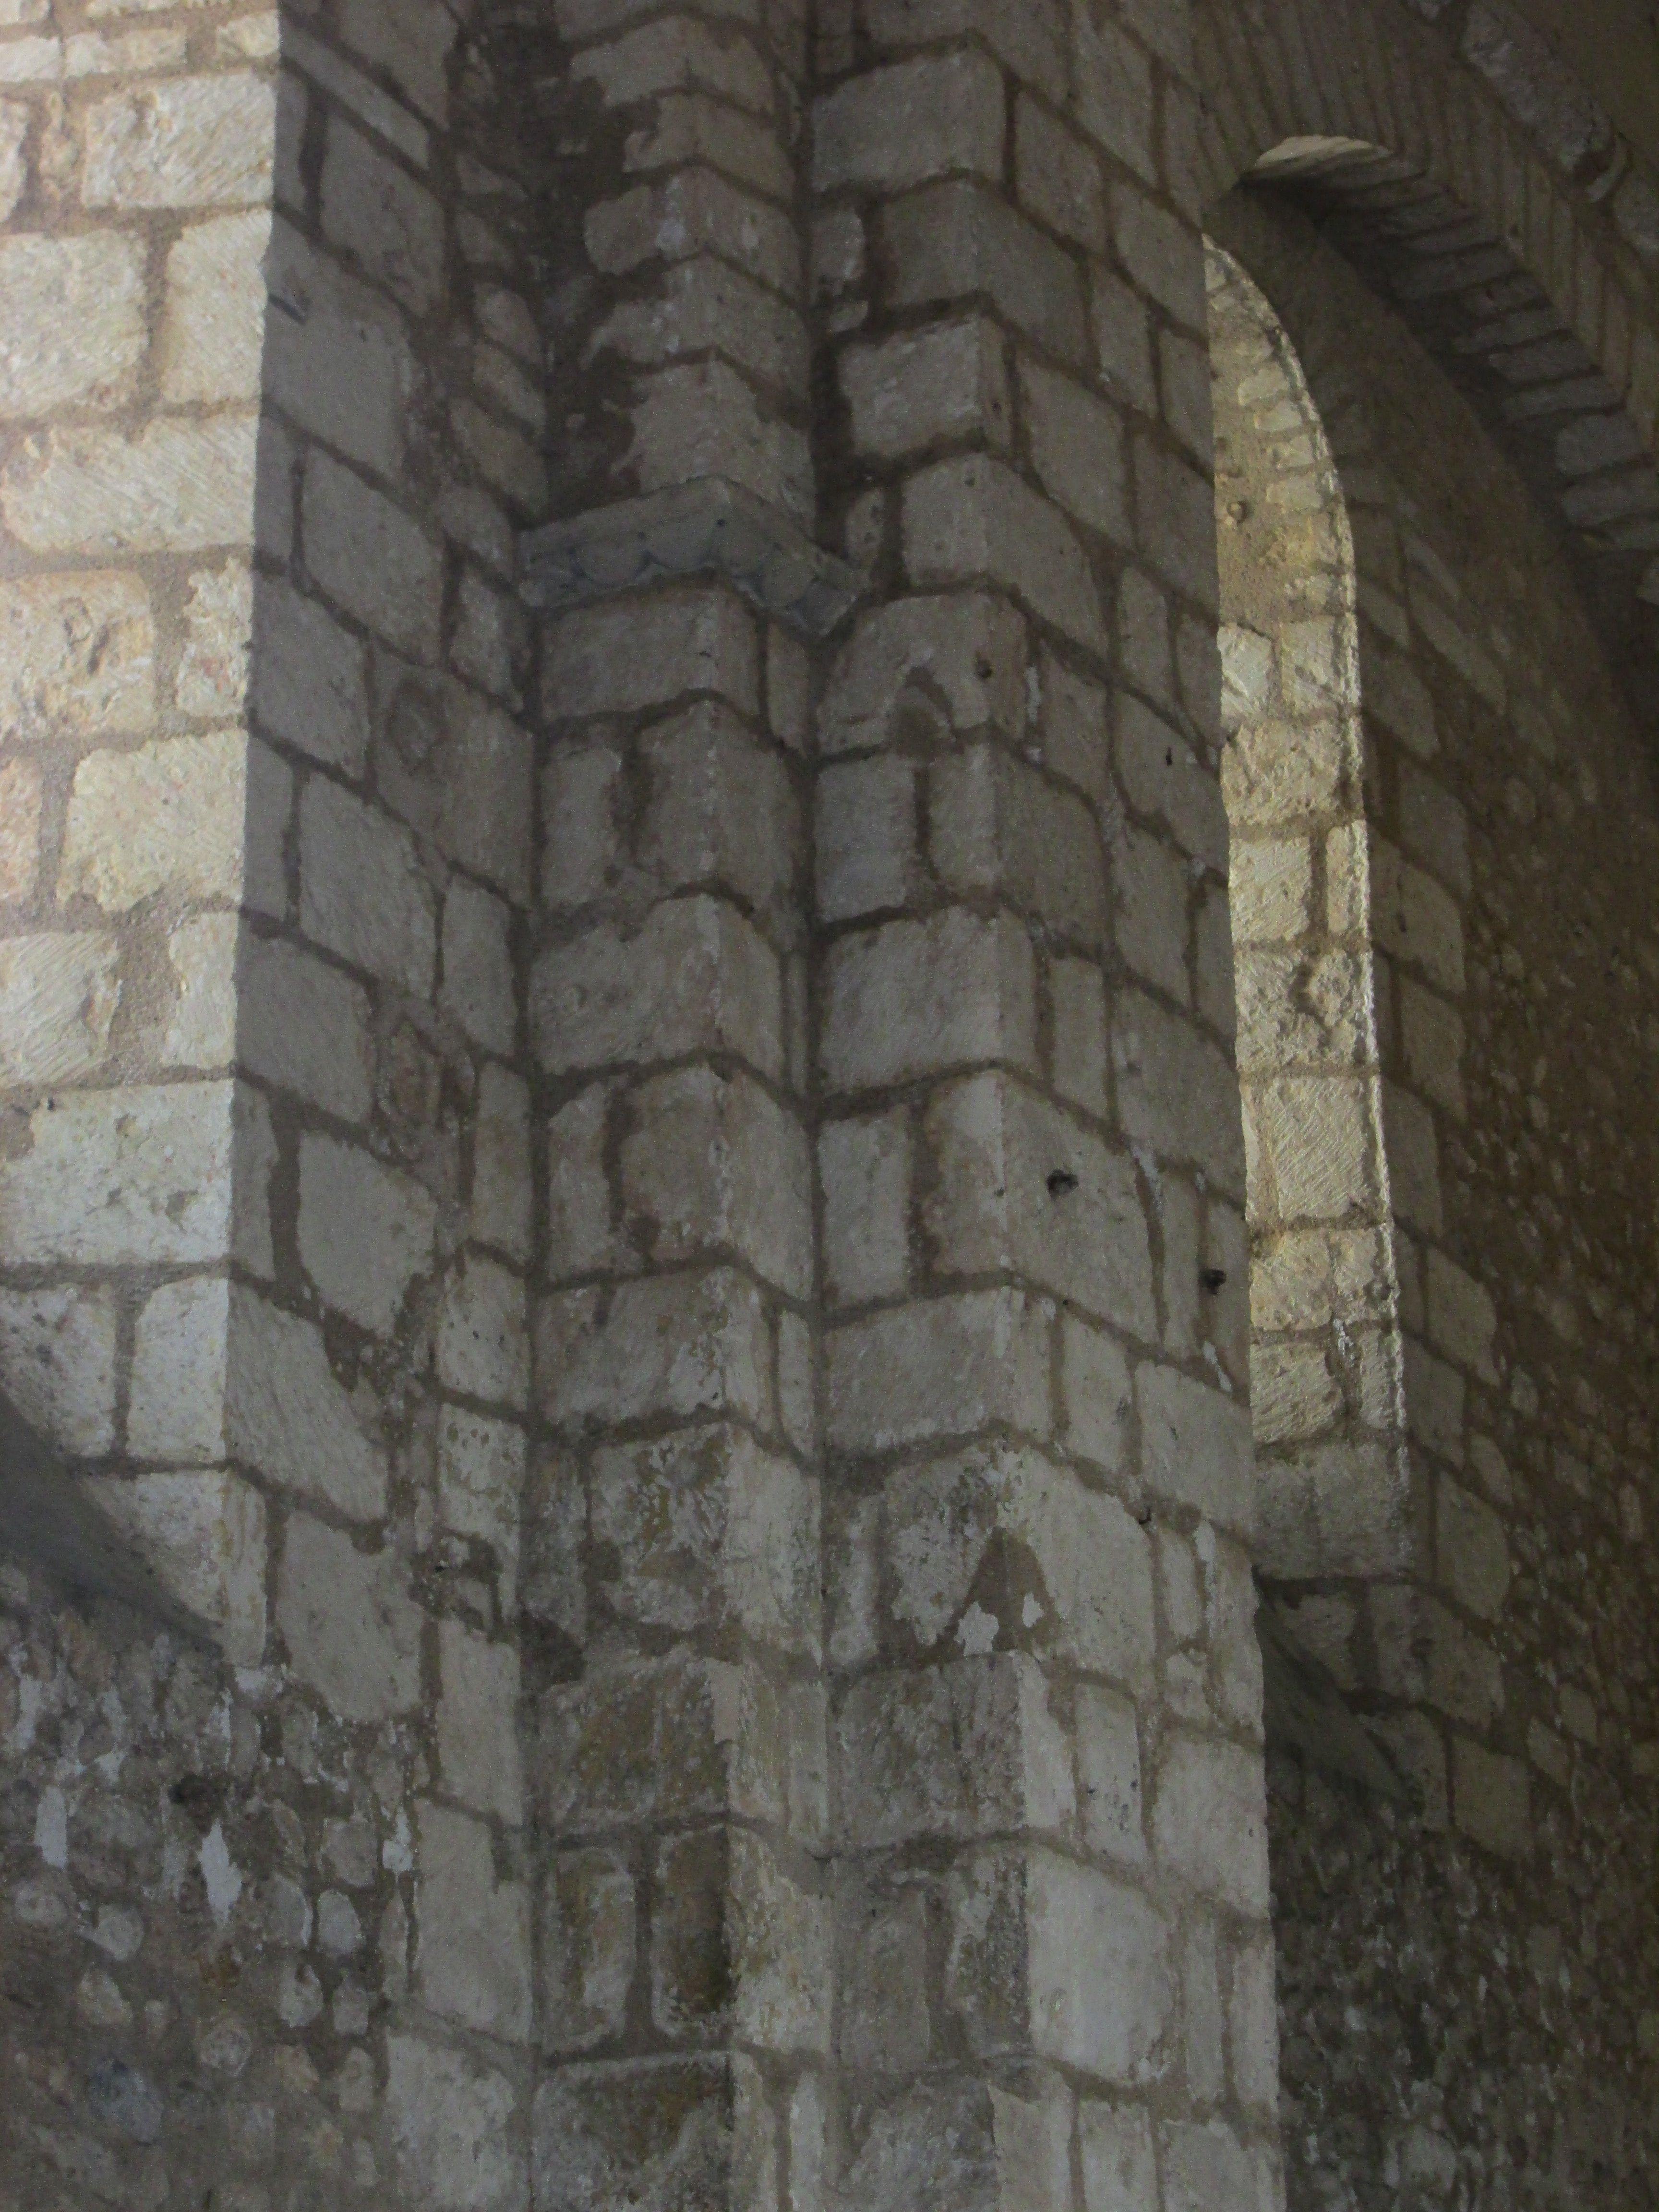 Eglise de St-Benoit (86): la nef, l'appareillage de pierres des murs est en blocage en bas, en réseau en haut, caractère propre au 11°s.- 3) EGLISE DE ST-BENOÎT, LE BATIMENT: Né, semble-t-il, dans le pays d'Herbauge en Bas-Poitou, il sera identifié avec un évêque de Samarie du temps d'Hilaire (4°s). La fête de saint Benoît de Quinçay est le 23 septembre. On parle de St-Benoît-de-Quinçay jusqu'au début du 15°s. Puis on se contentera de dire: Saint-Benoît.